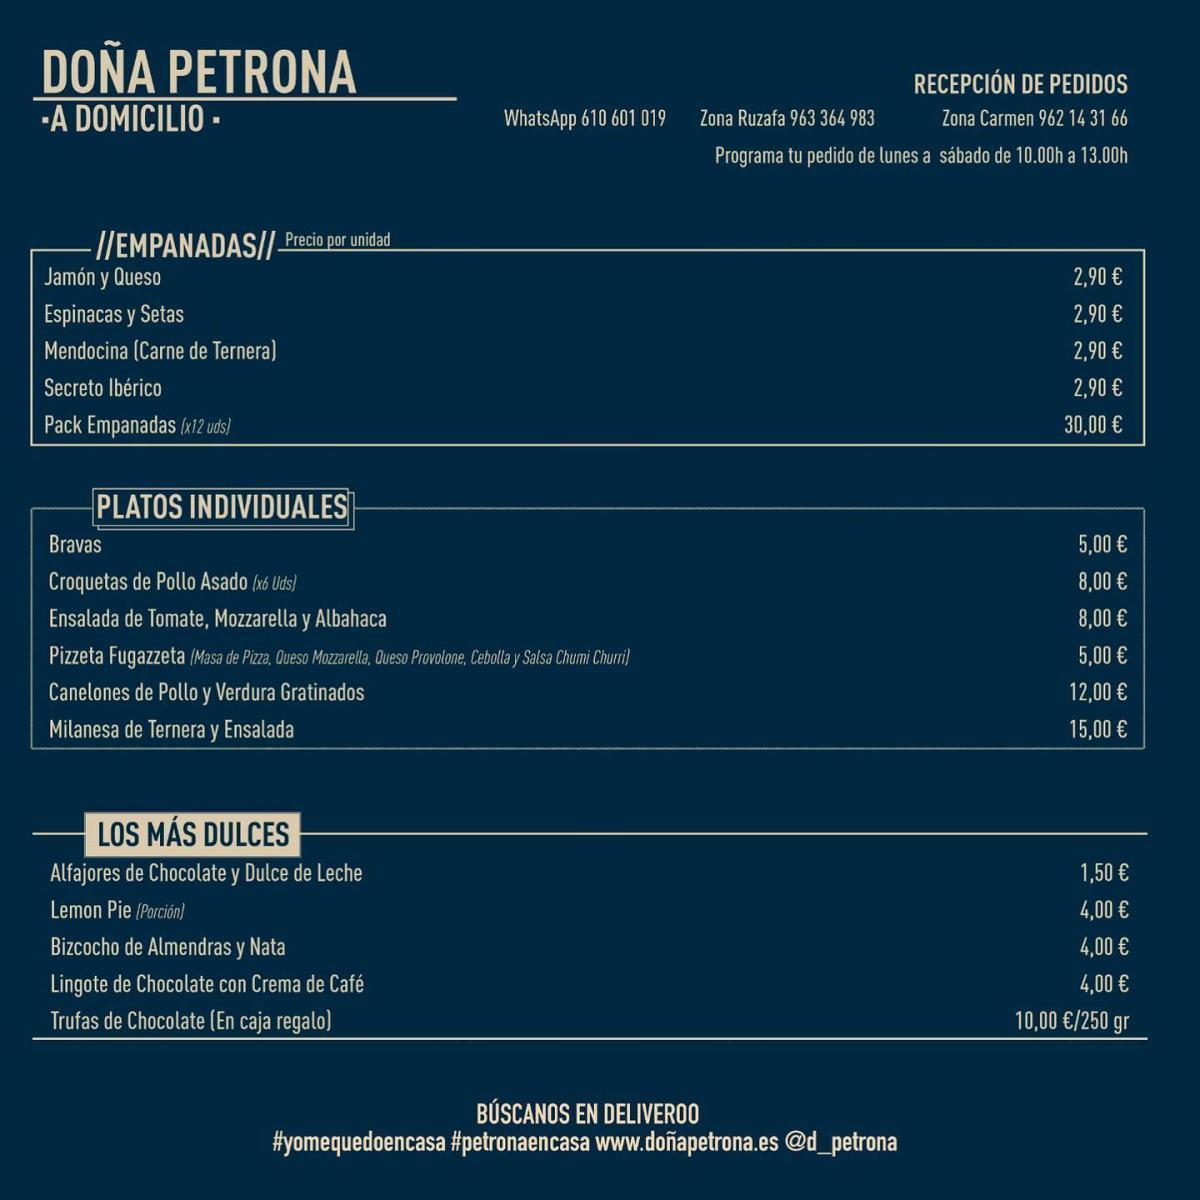 Dona Petrona